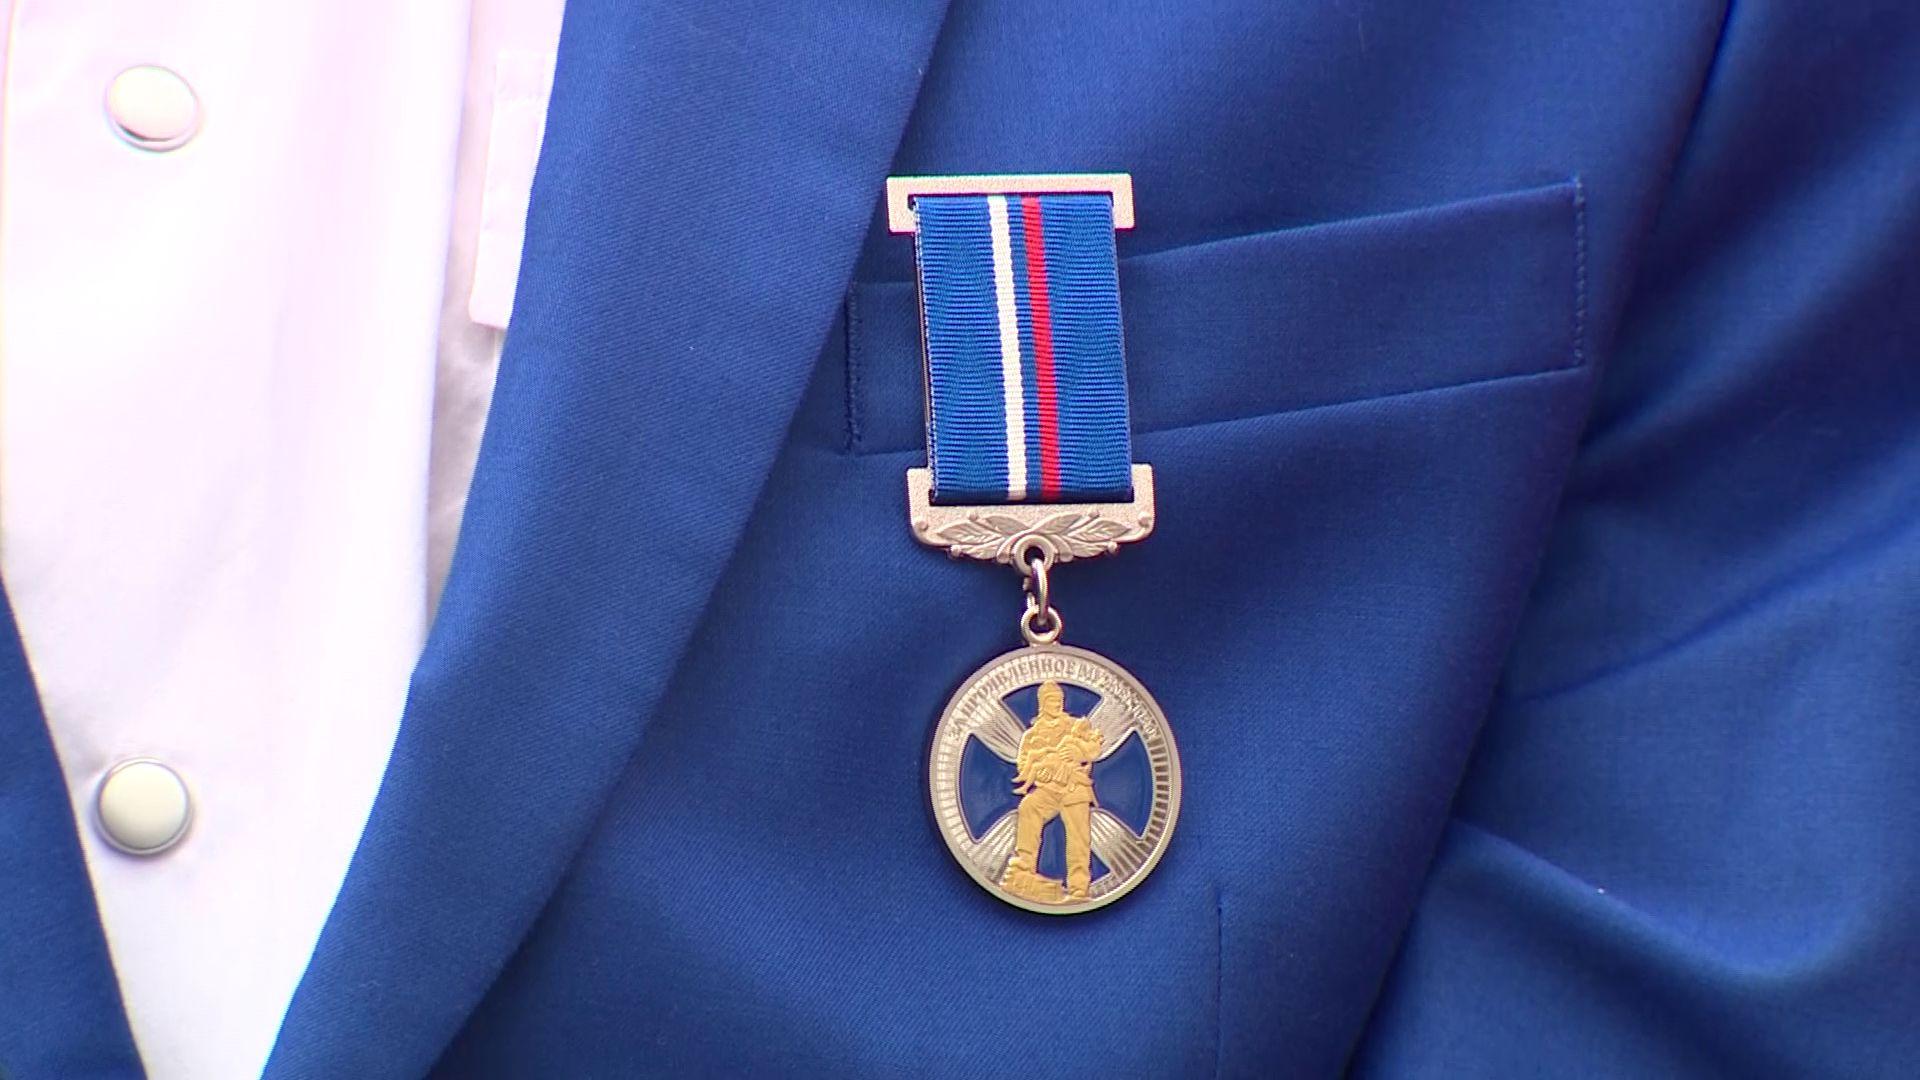 Трое подростков из Ярославской области получили медали за проявленное мужество